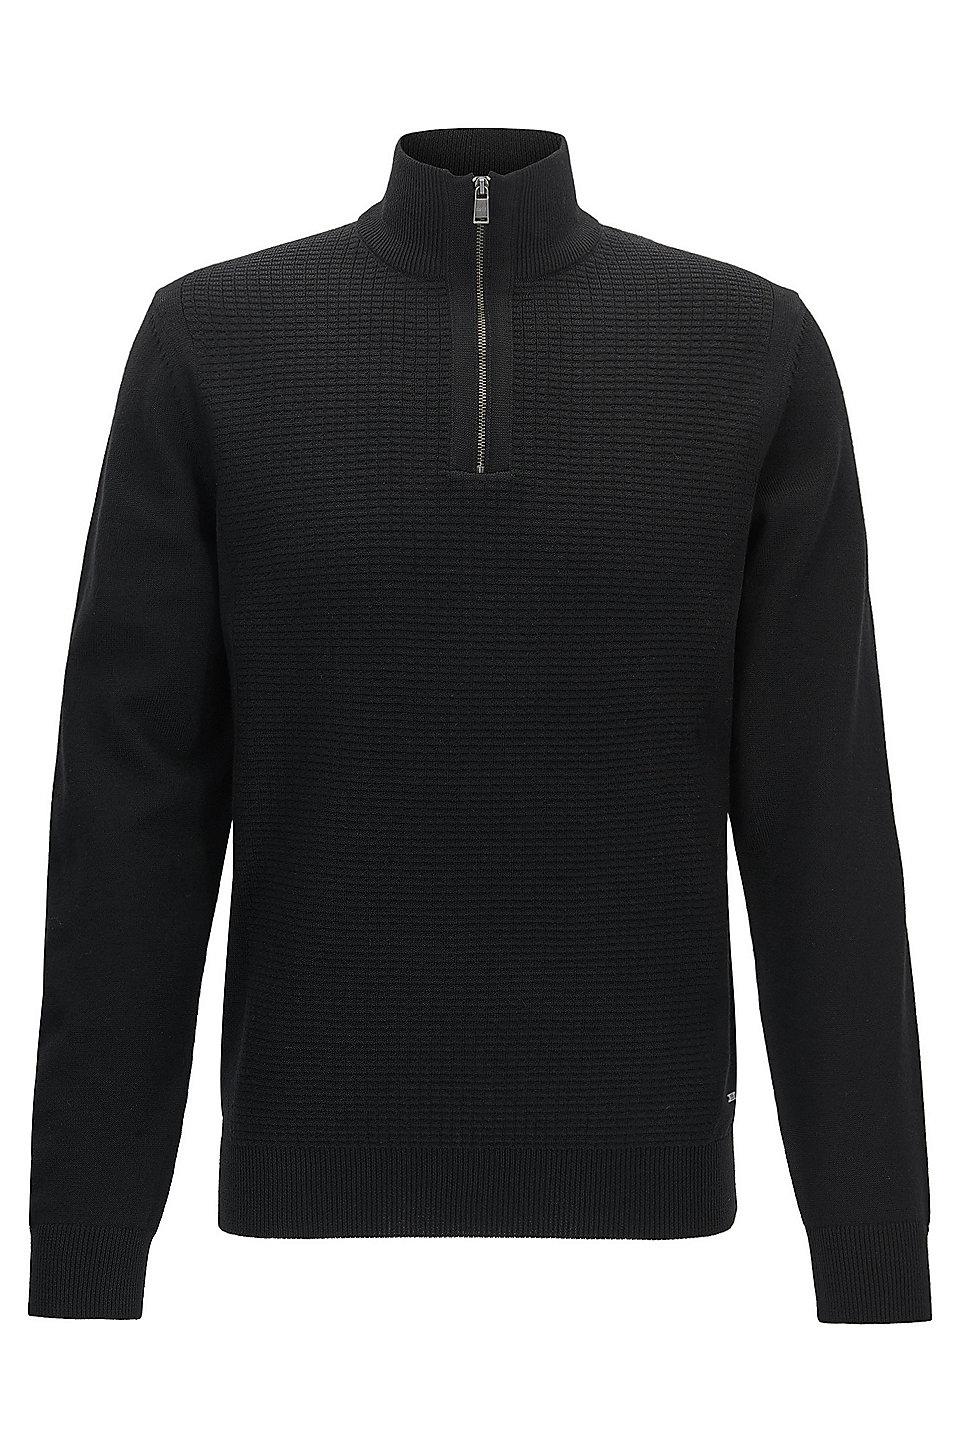 HUGO BOSS® Men's Sweaters & Sweatshirts on Sale